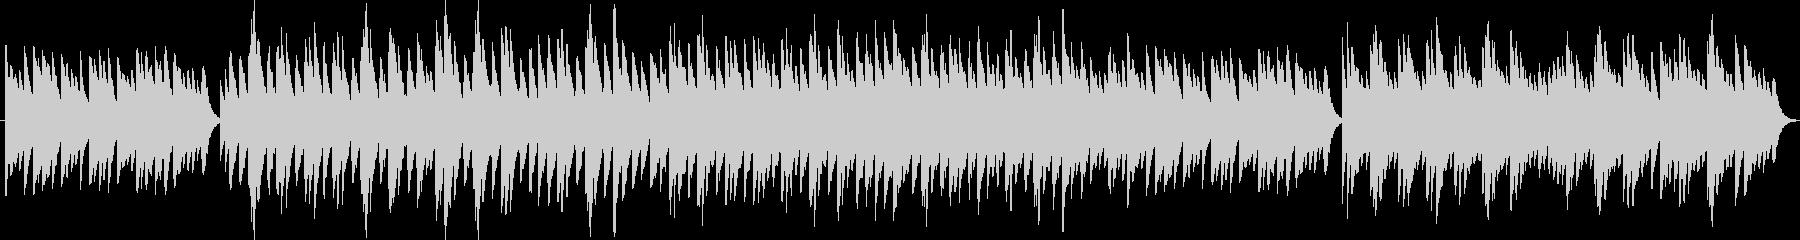 アメイジンググレイス(オルゴール)の未再生の波形